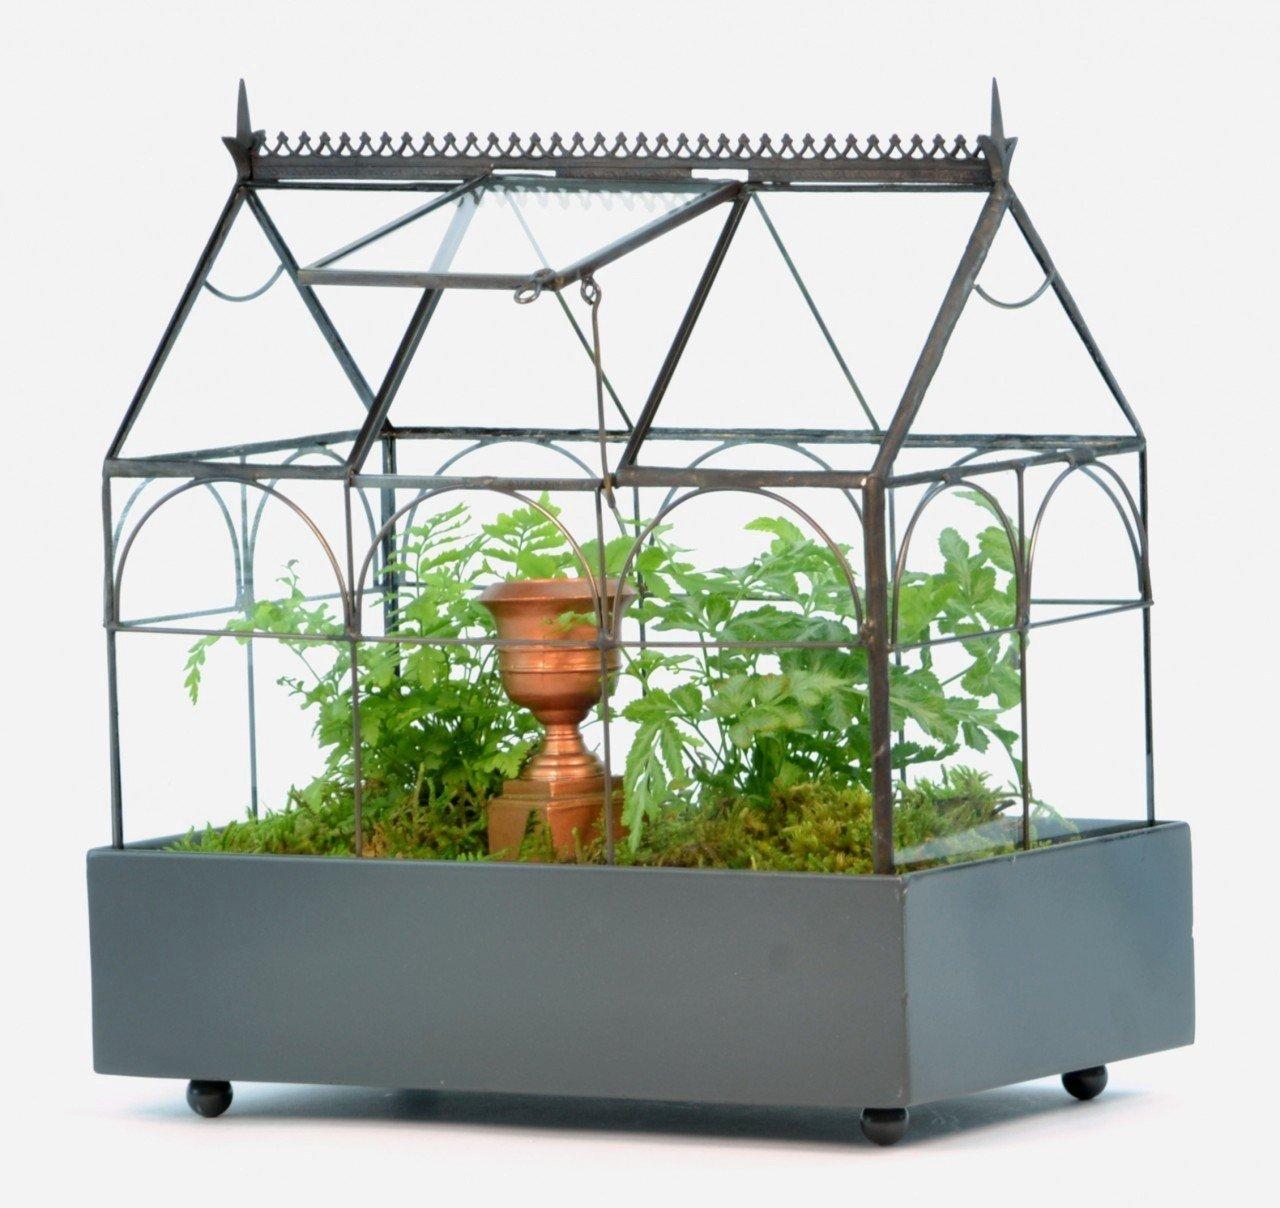 H Potter Plant Terrarium Container Wardian Case Indoor Glass Succulent Planter 65-1 by H Potter